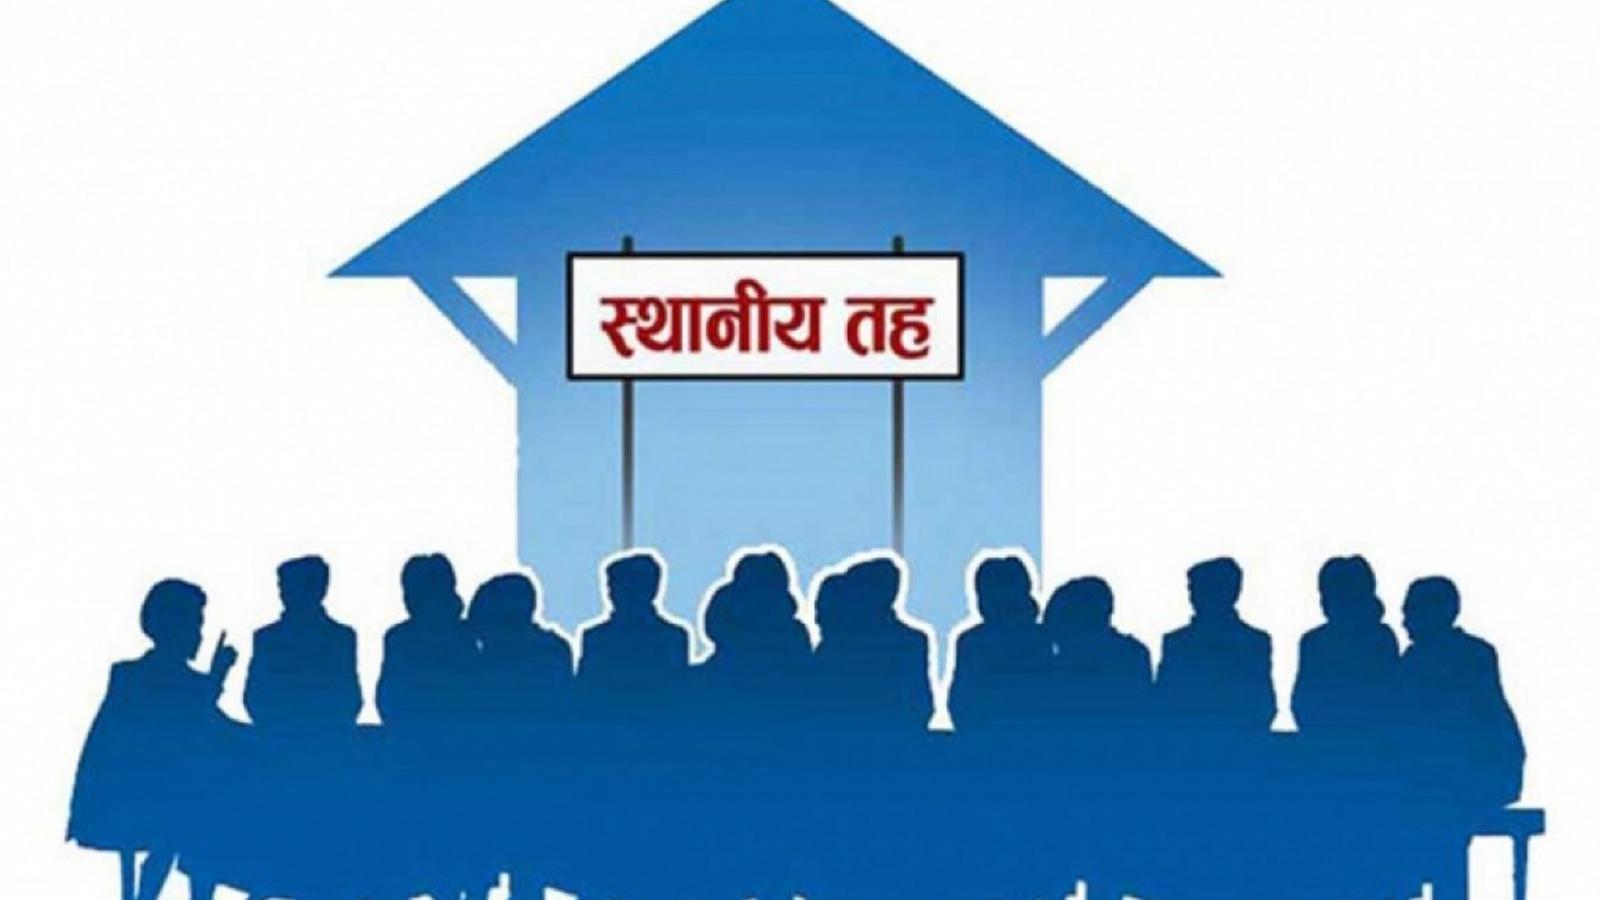 बजेट, नीति तथा कार्यक्रम तर्जुमा गर्ने तयारीमा स्थानीय तह